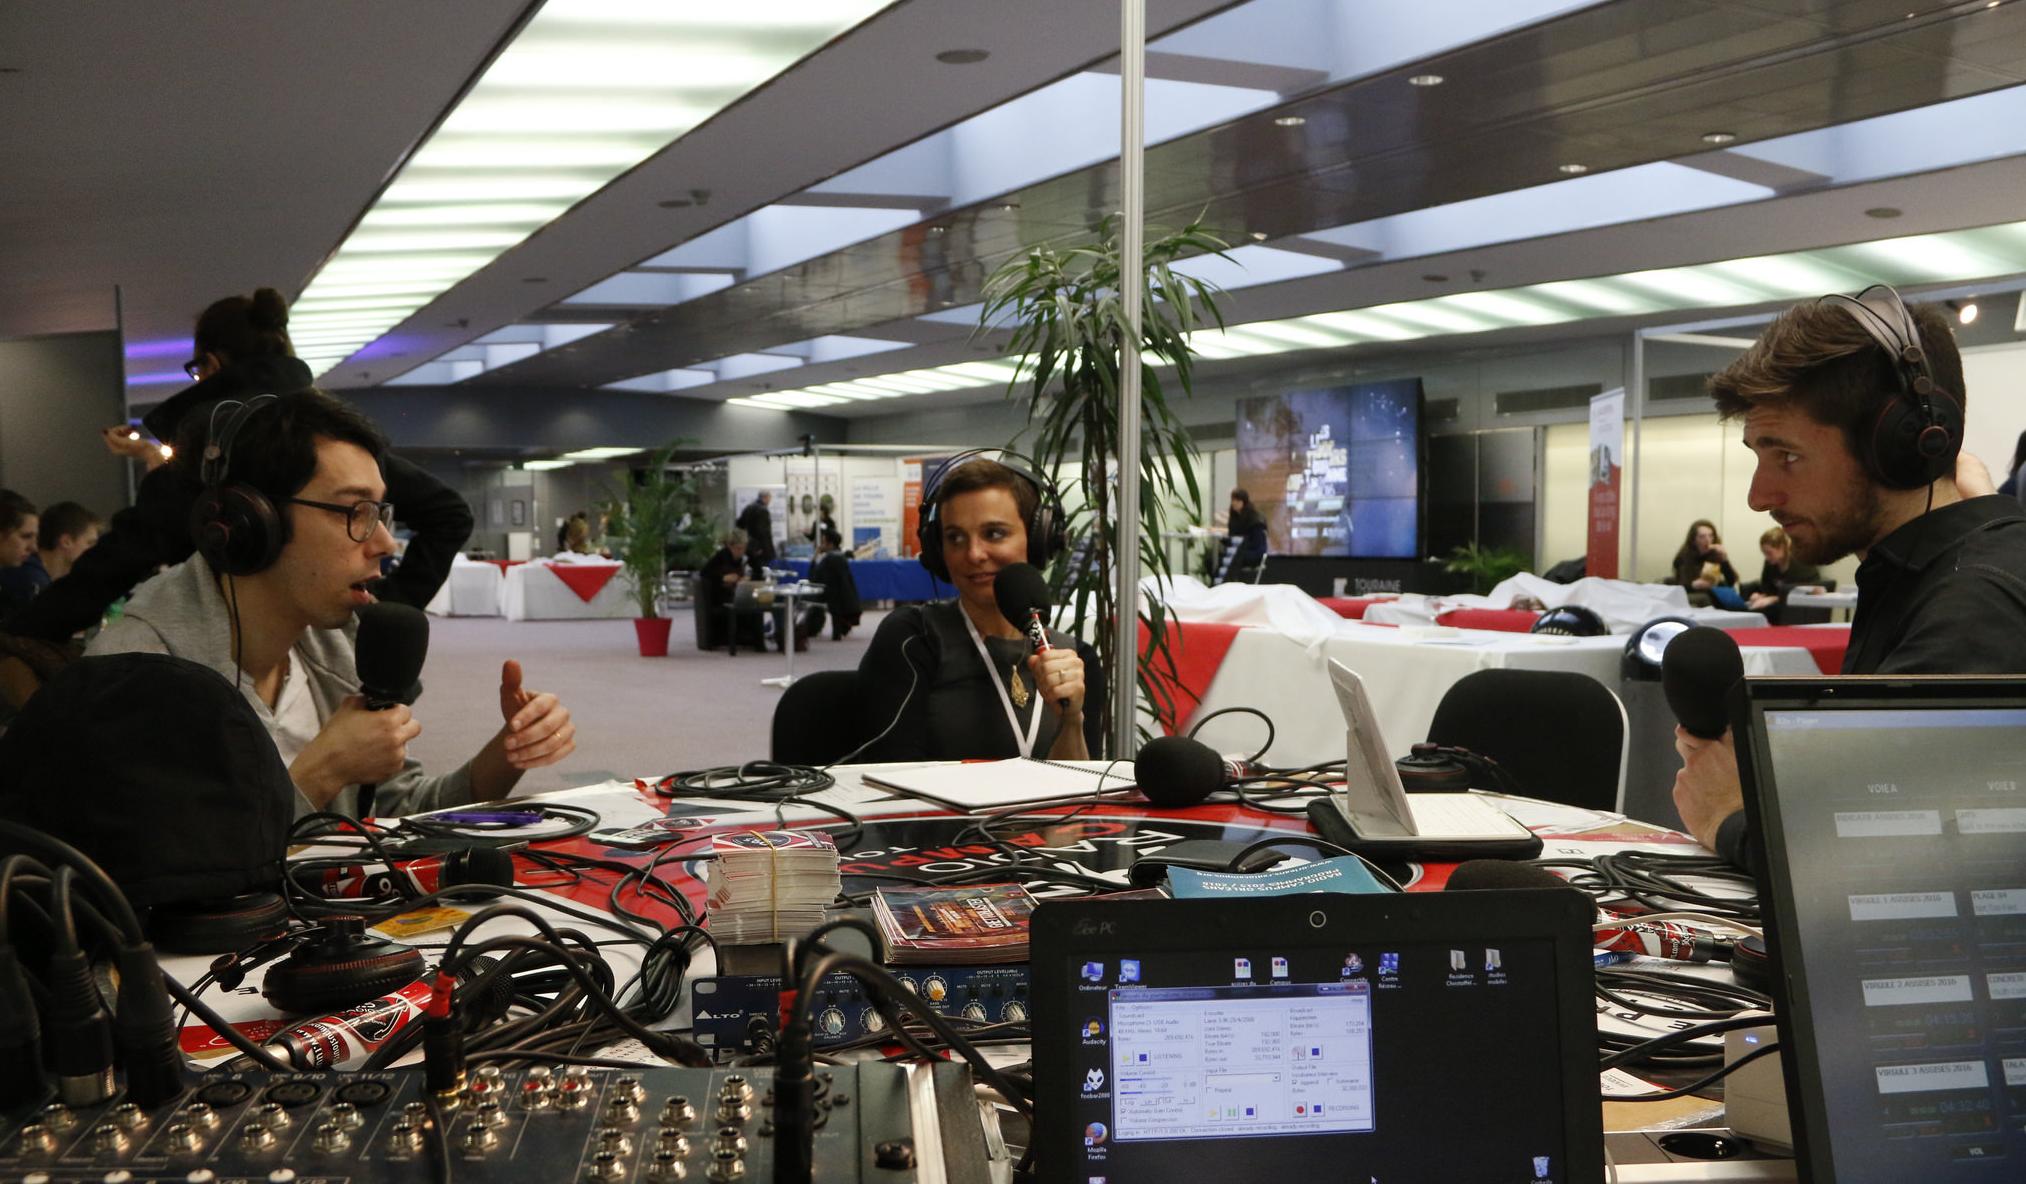 Le réseau Campus France, l'an passé à l'occasion de la 9e édition des Assises du journalisme avec Radio Campus Tours